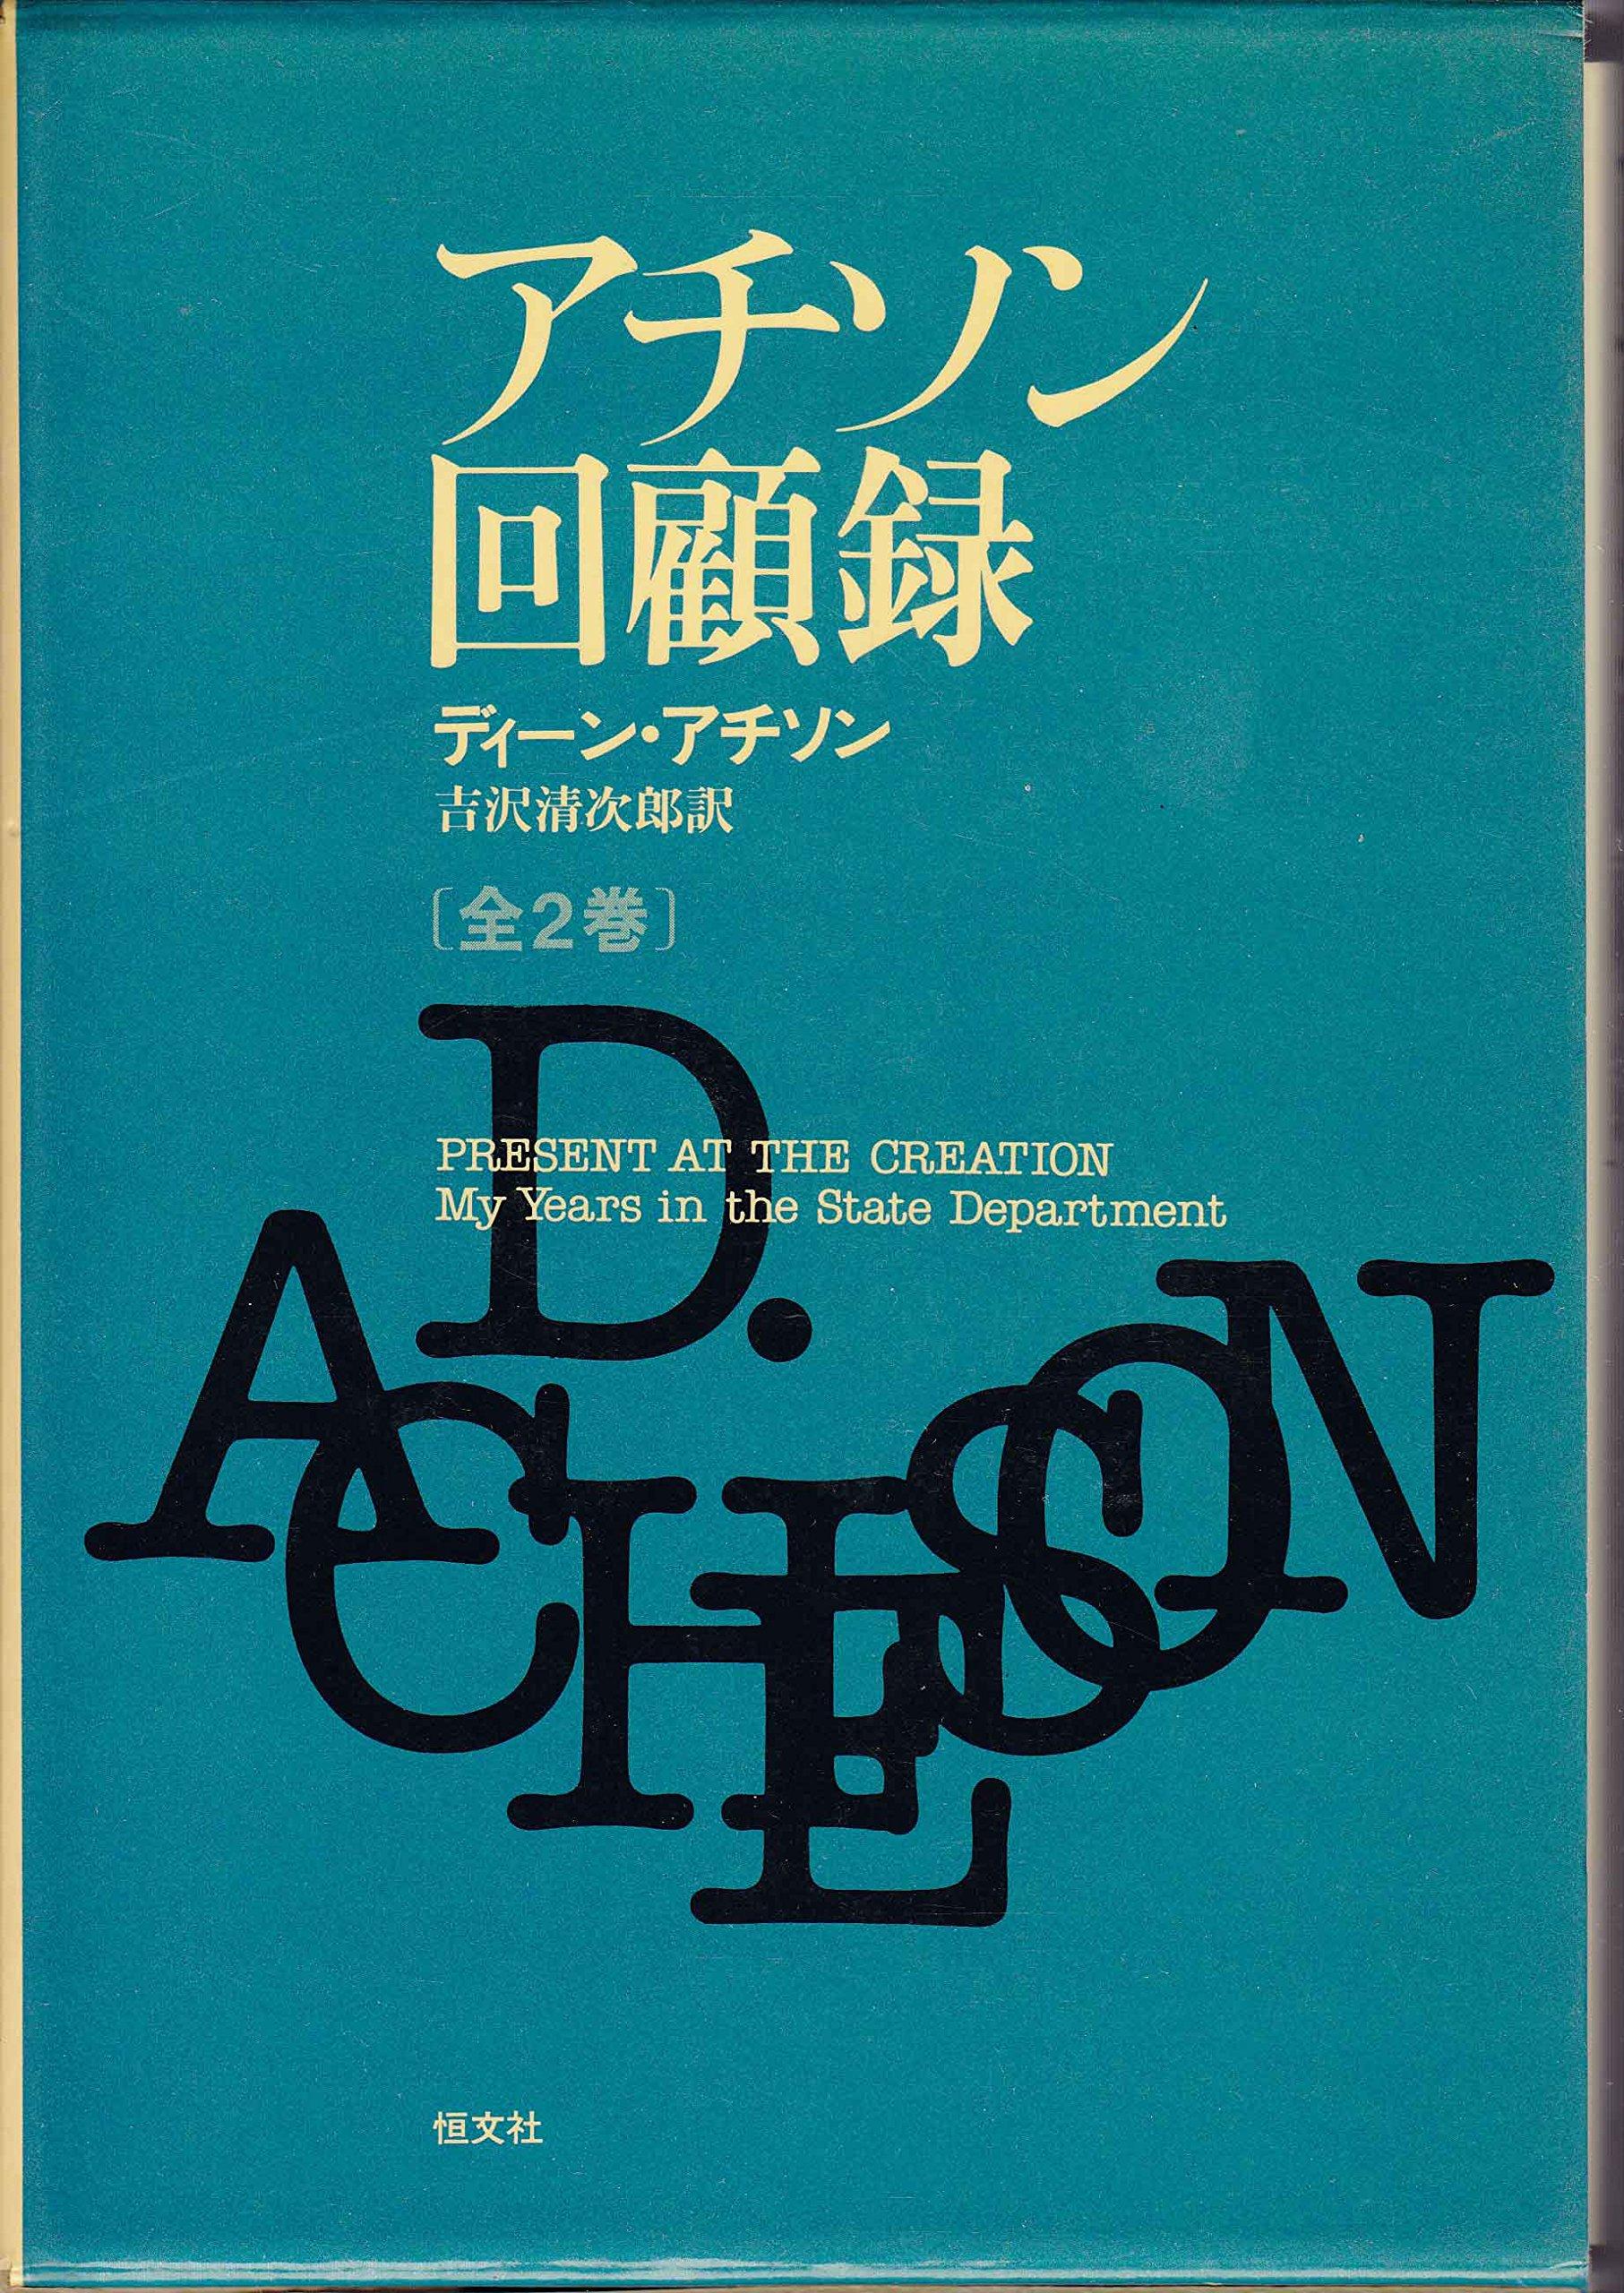 アチソン回顧録 (1979年) | ディ...